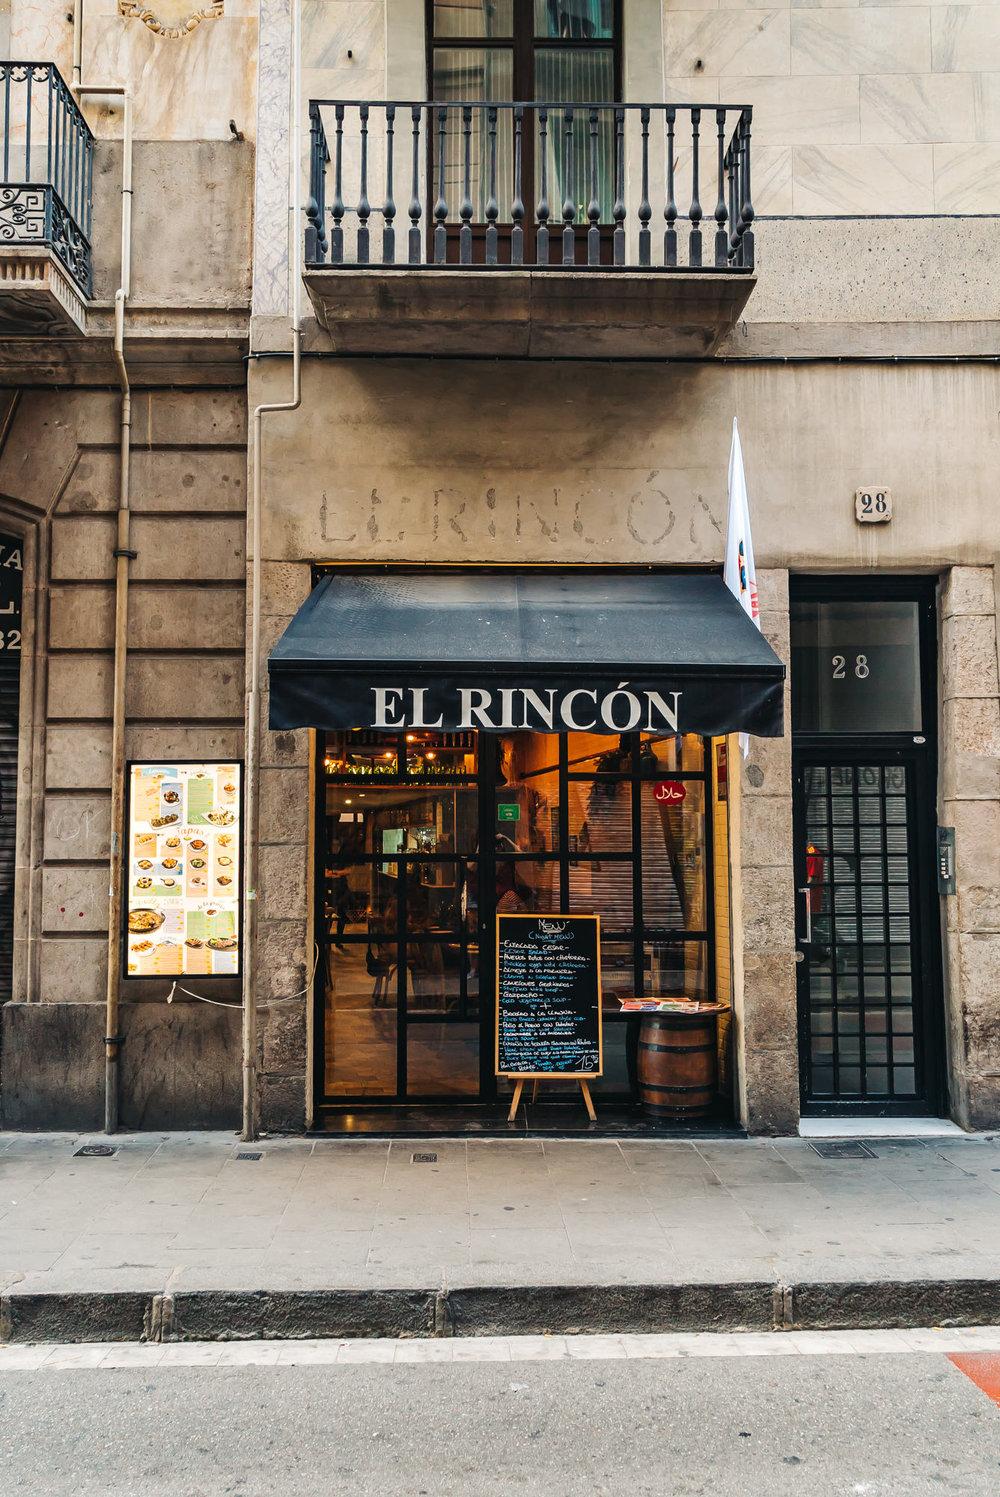 El Rincon restaurant in Barcelona